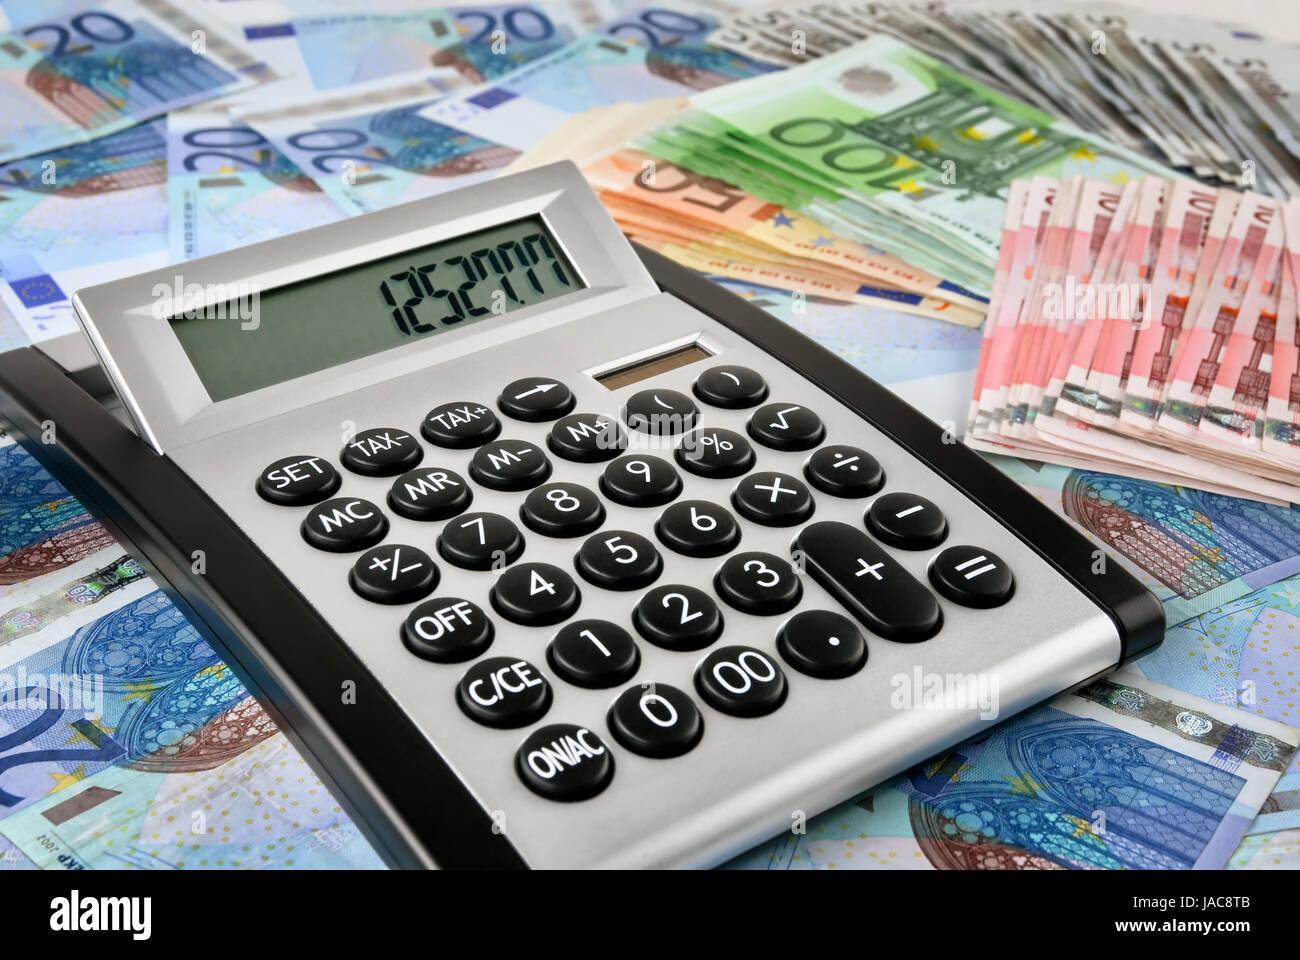 Ein eingeschalteter Taschenrechner liegt auf vielen Geldscheinen - Stock Image